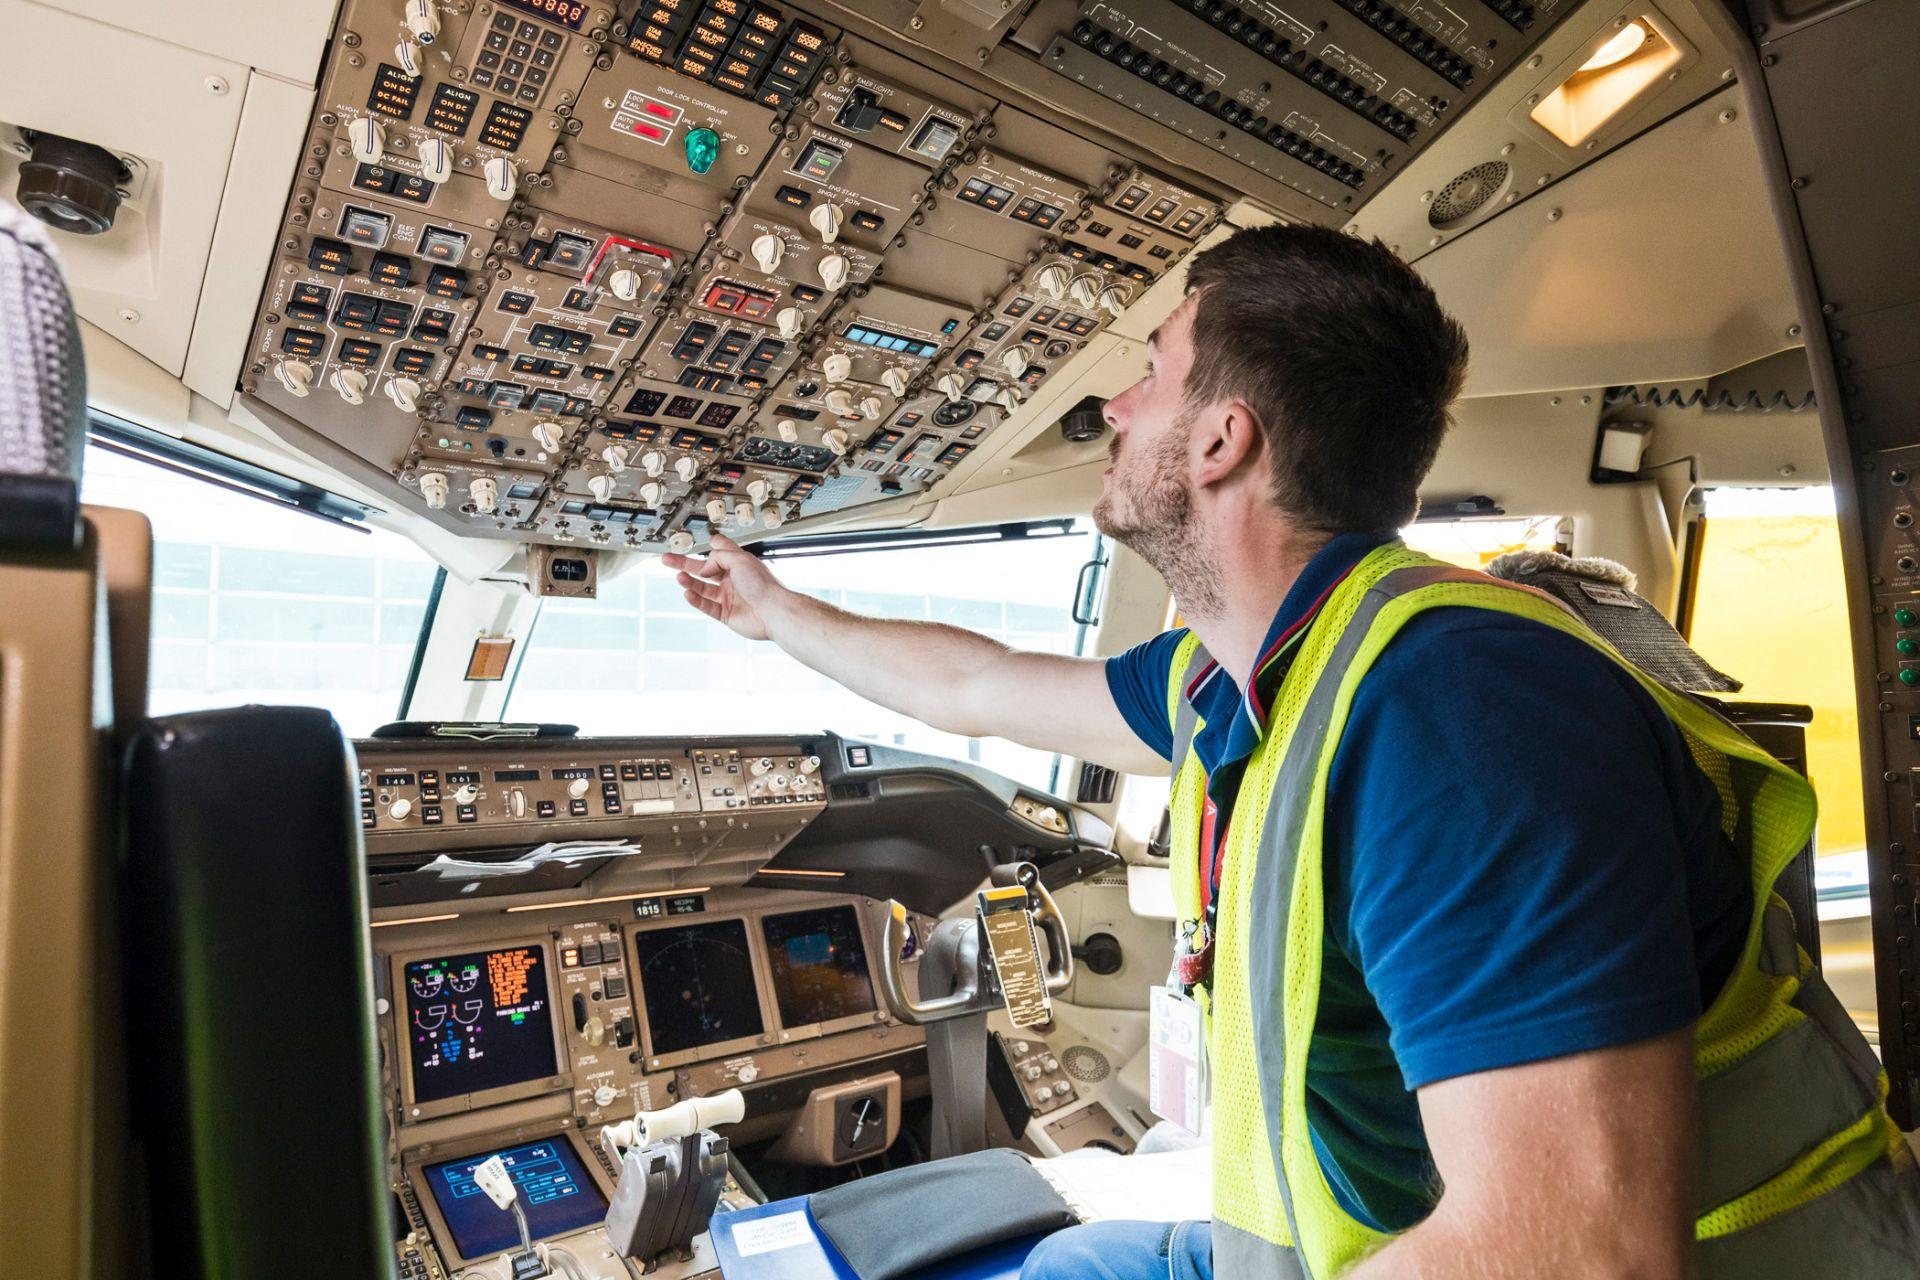 Traťová údržba, ilustrrační foto. Autor: Czech Airlines Technics